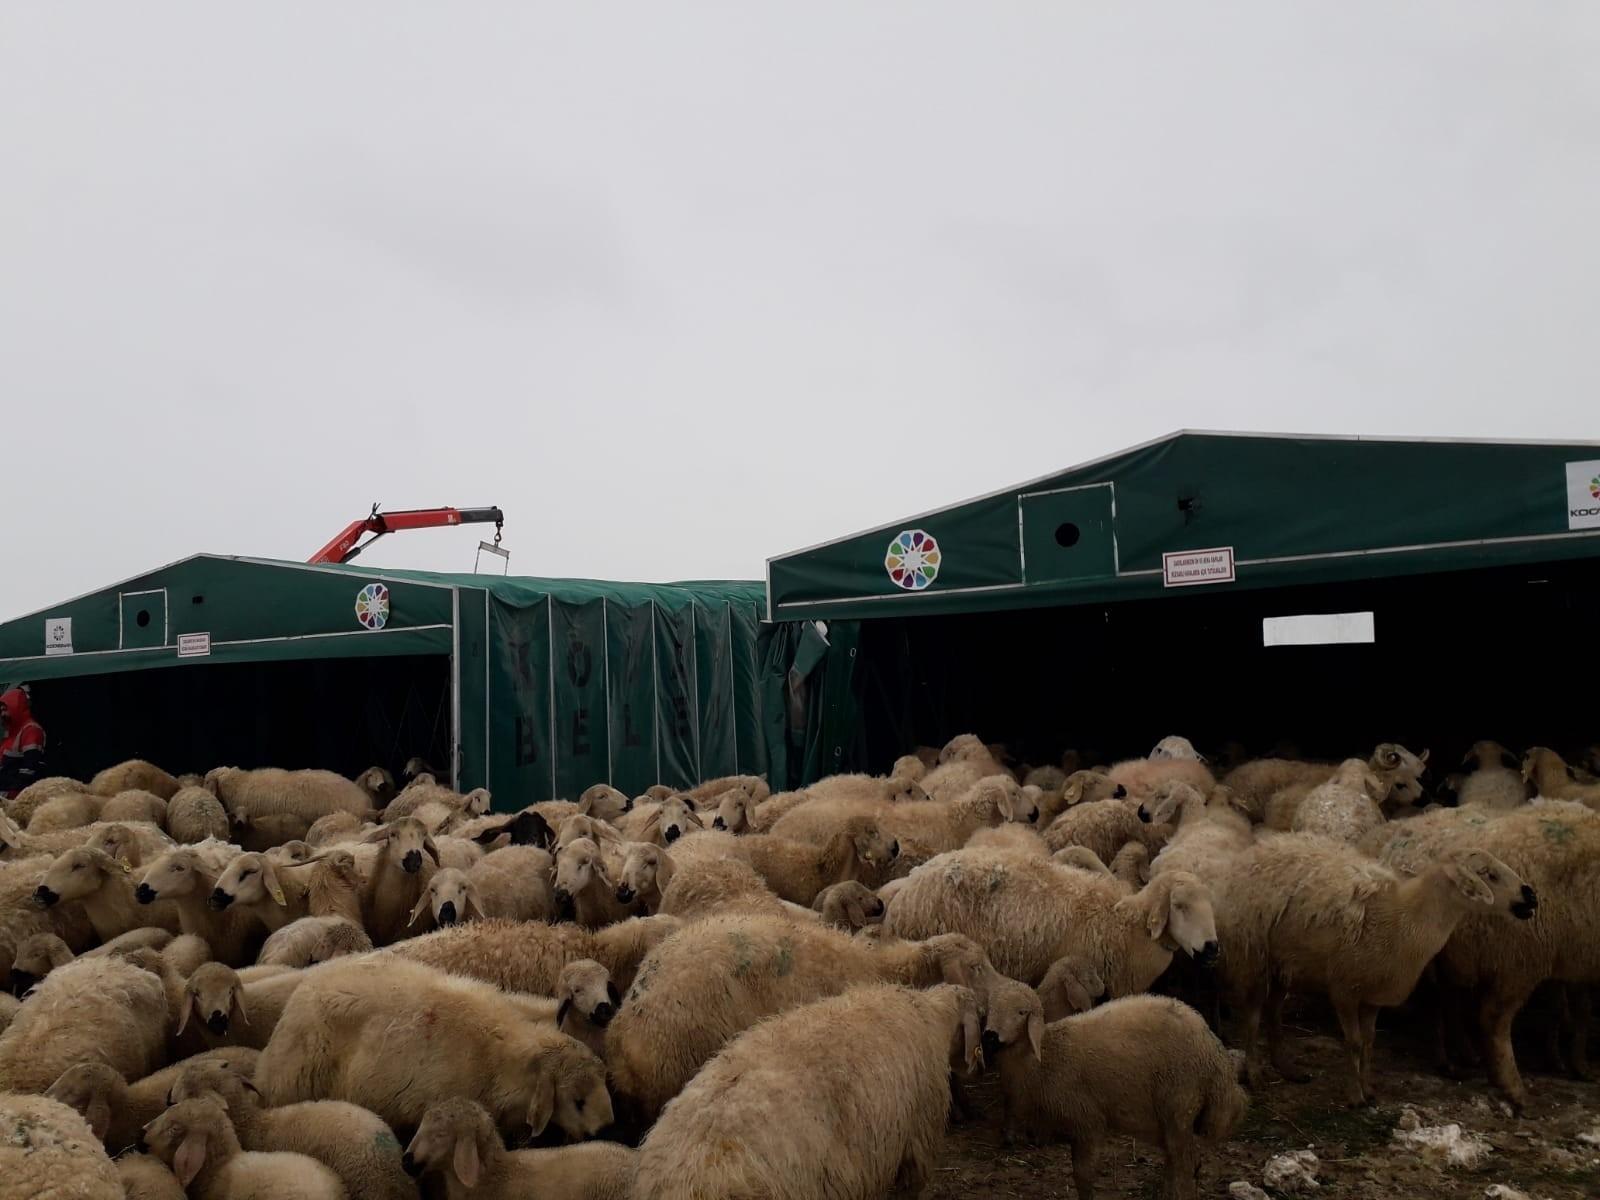 Koyunlarıyla birlikte yaylada mahsur kaldılar! Koyuncuların imdadına Kocasinan Belediyesi yetişti